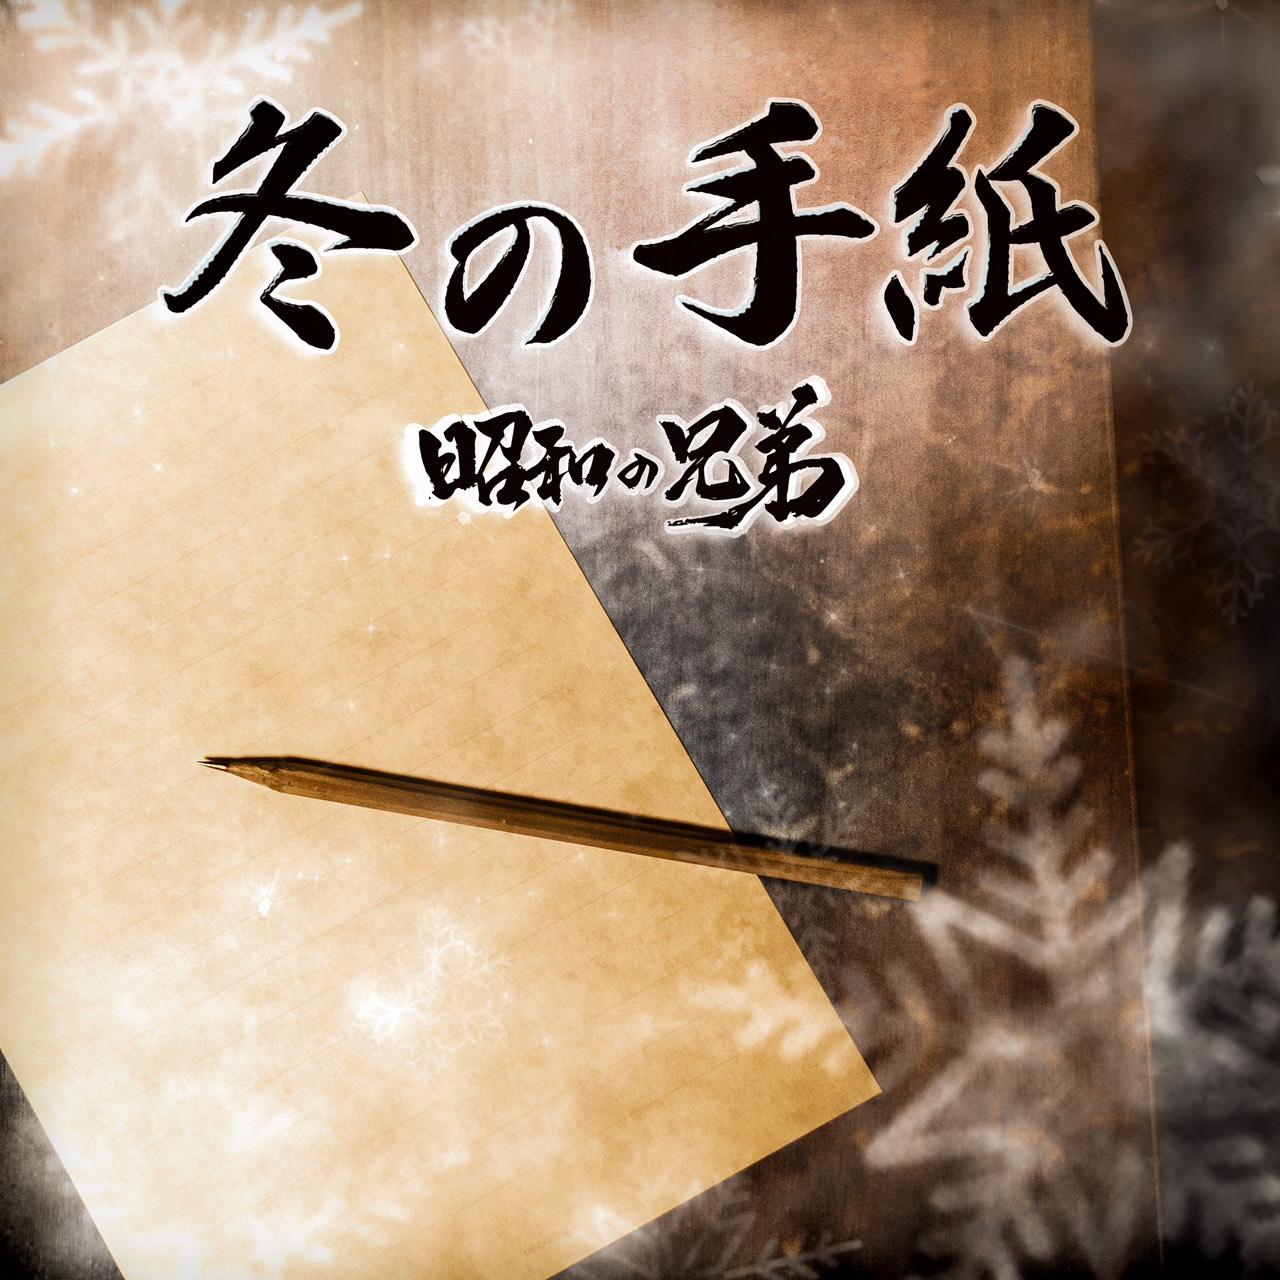 昭和の兄弟 冬の手紙